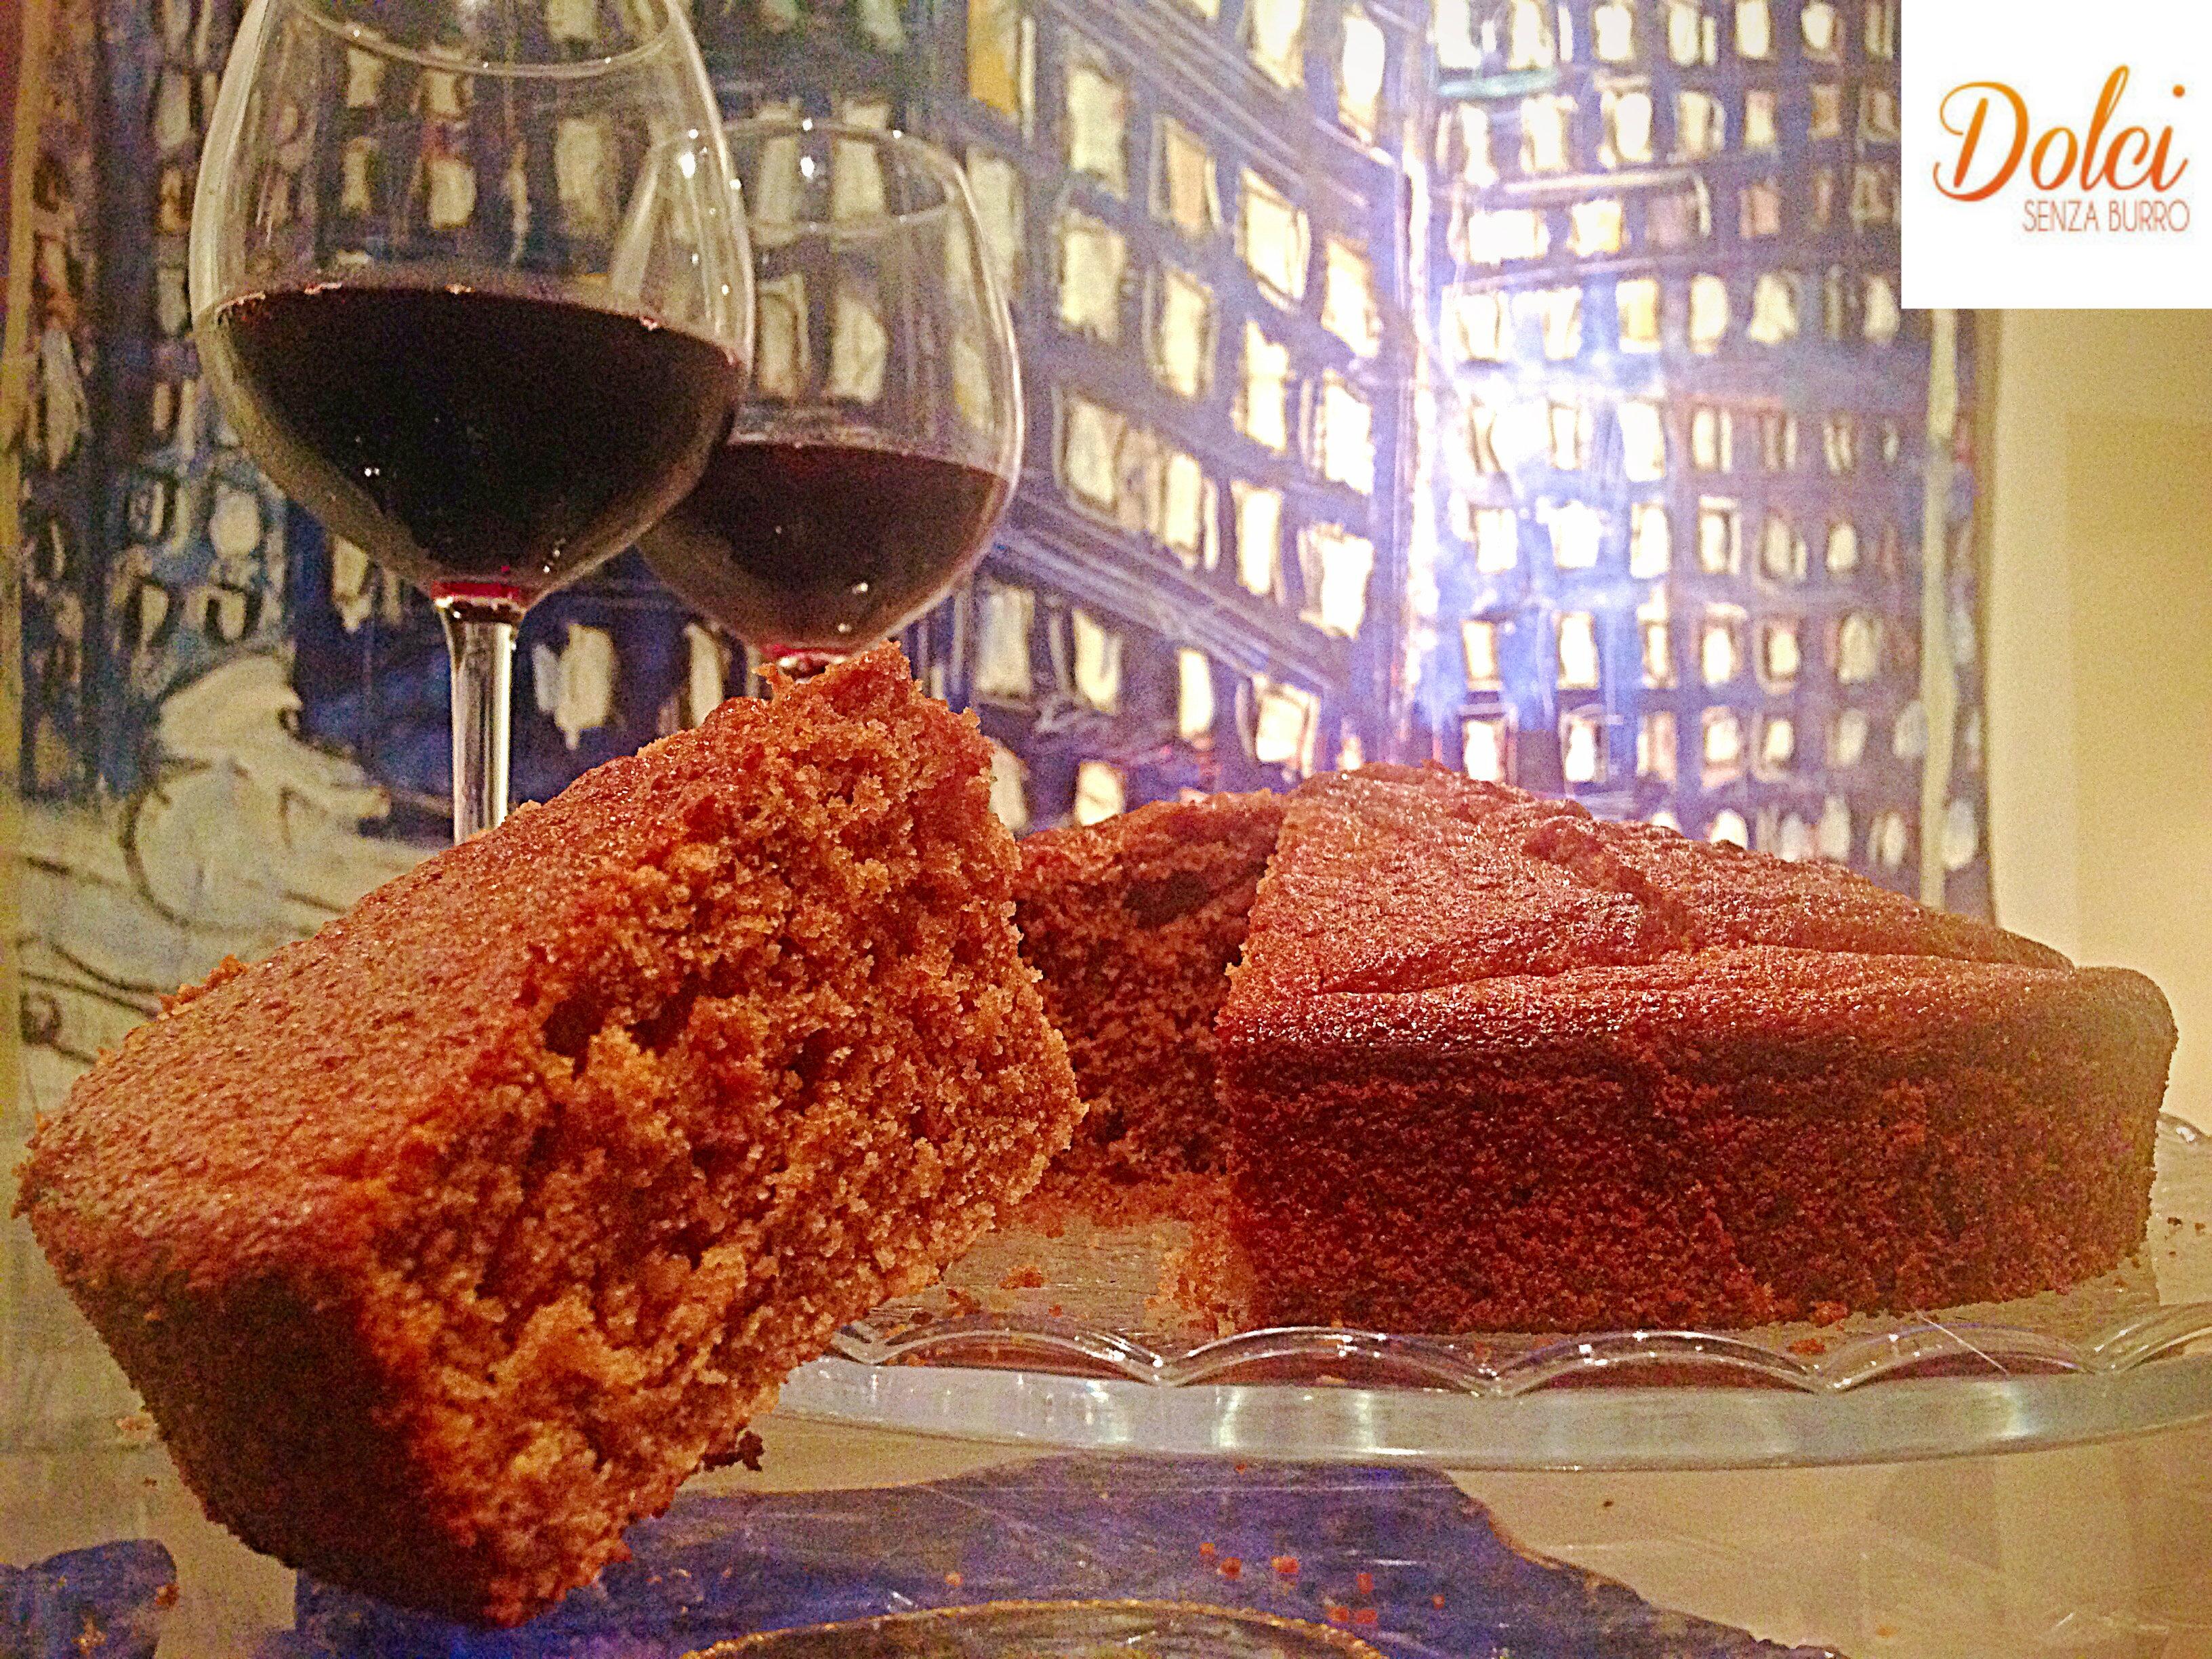 Torta al Vino Rosso e Cioccolato Senza Burro, la torta ubriaca di dolci senza burro